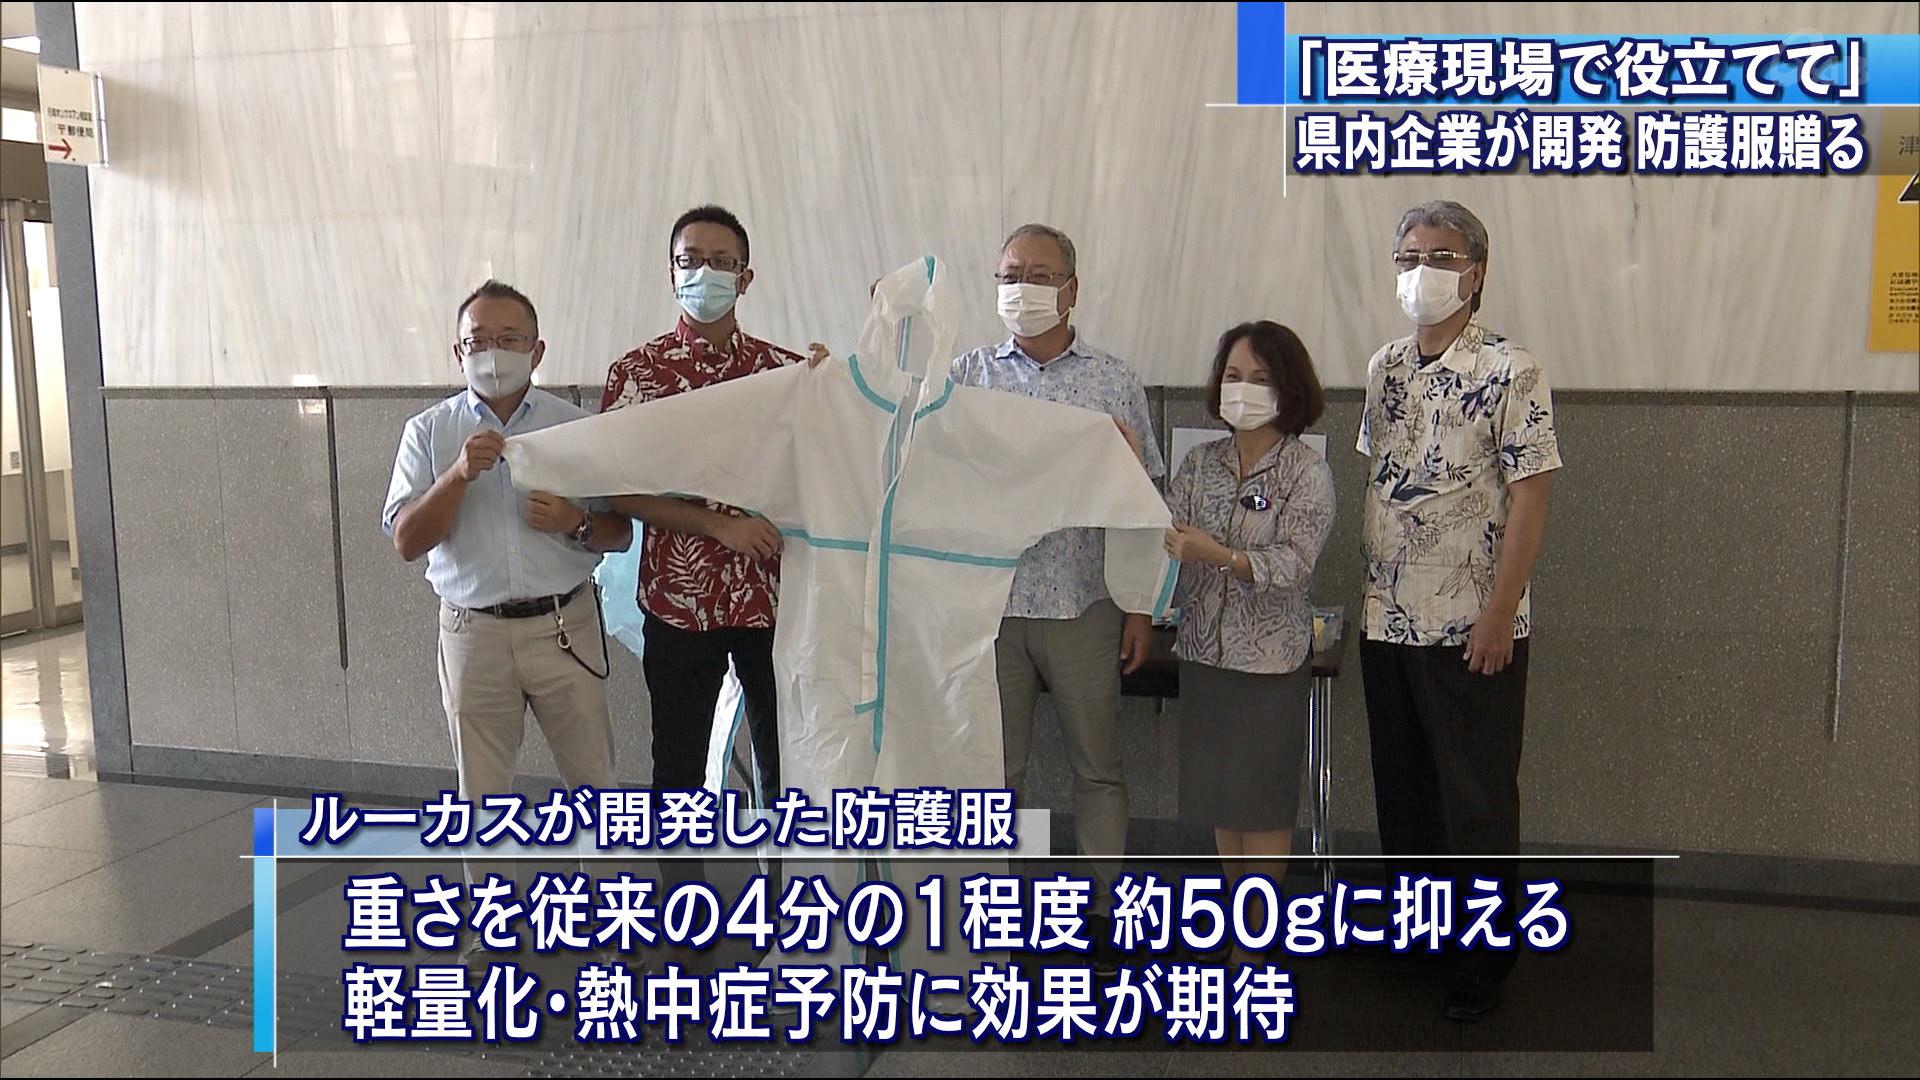 県内企業が自社開発の防護服を県に贈る